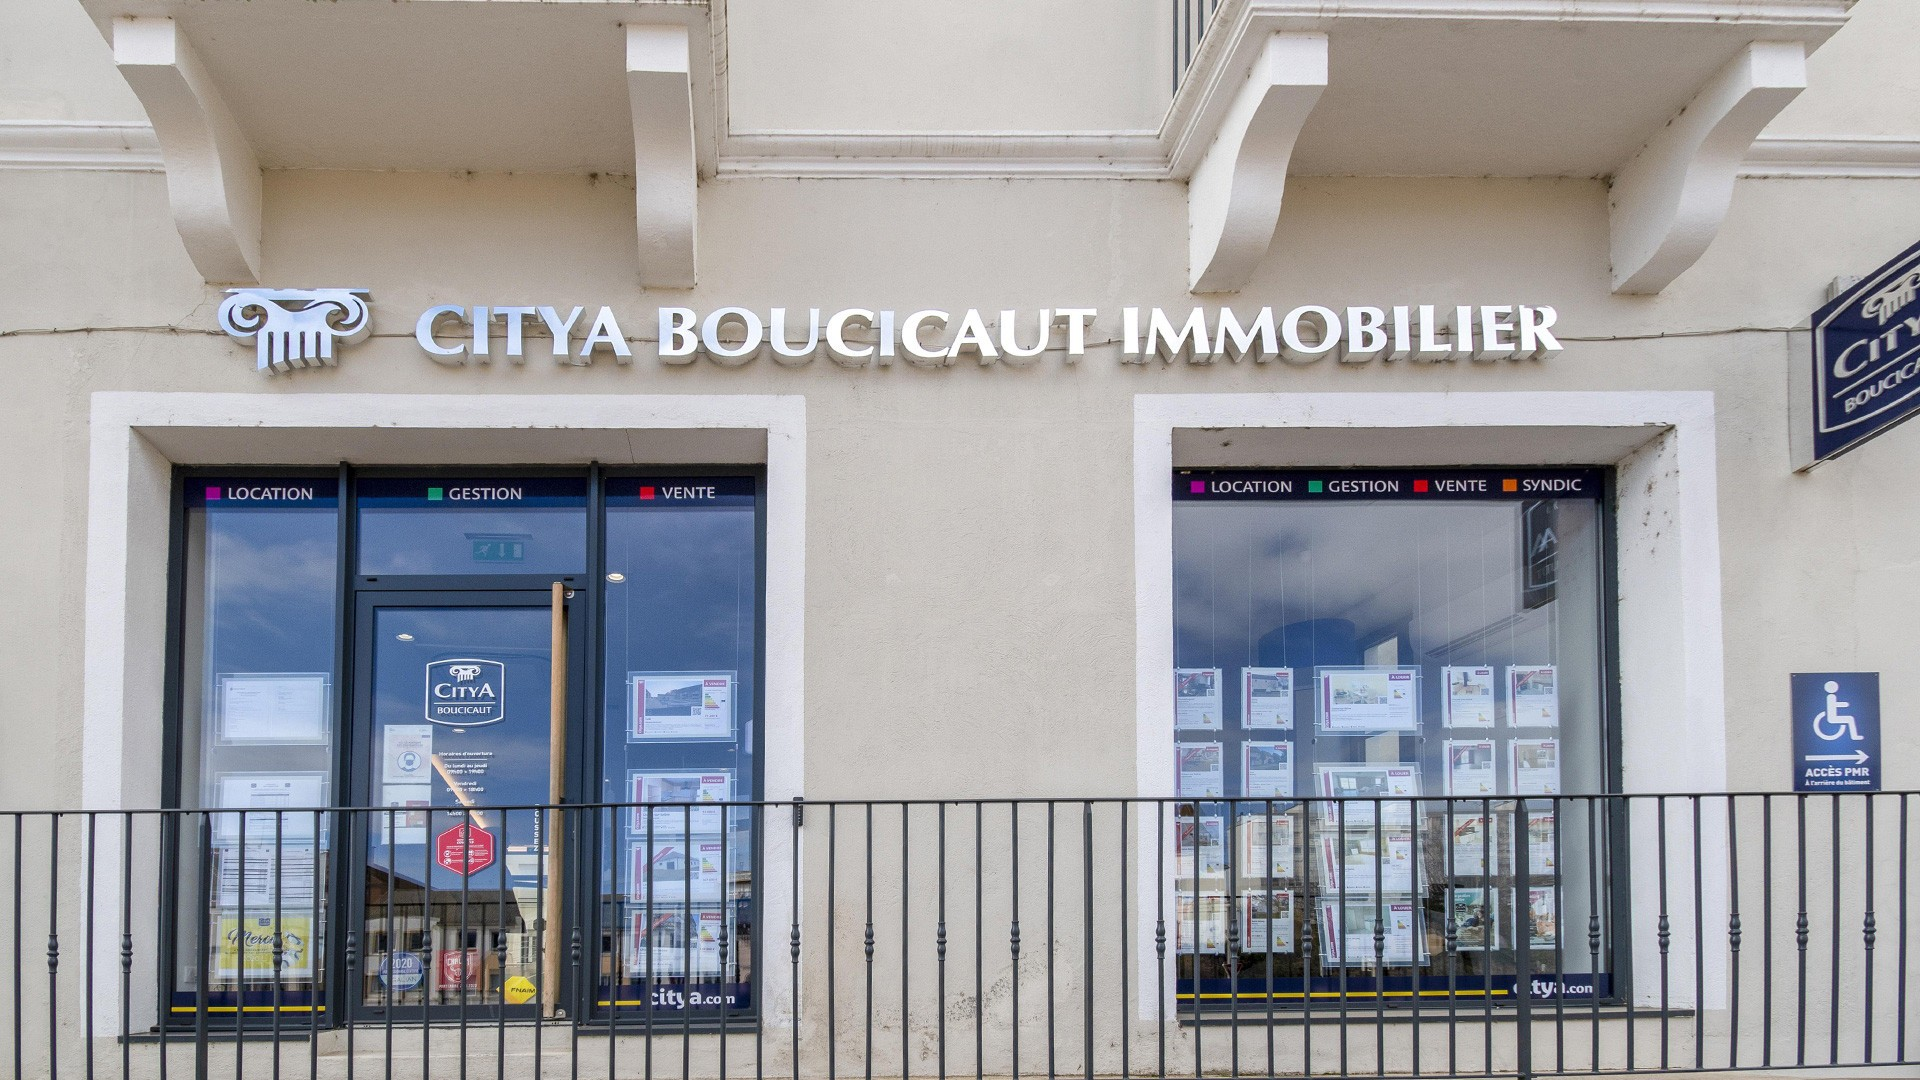 Agence immo Citya Boucicaut